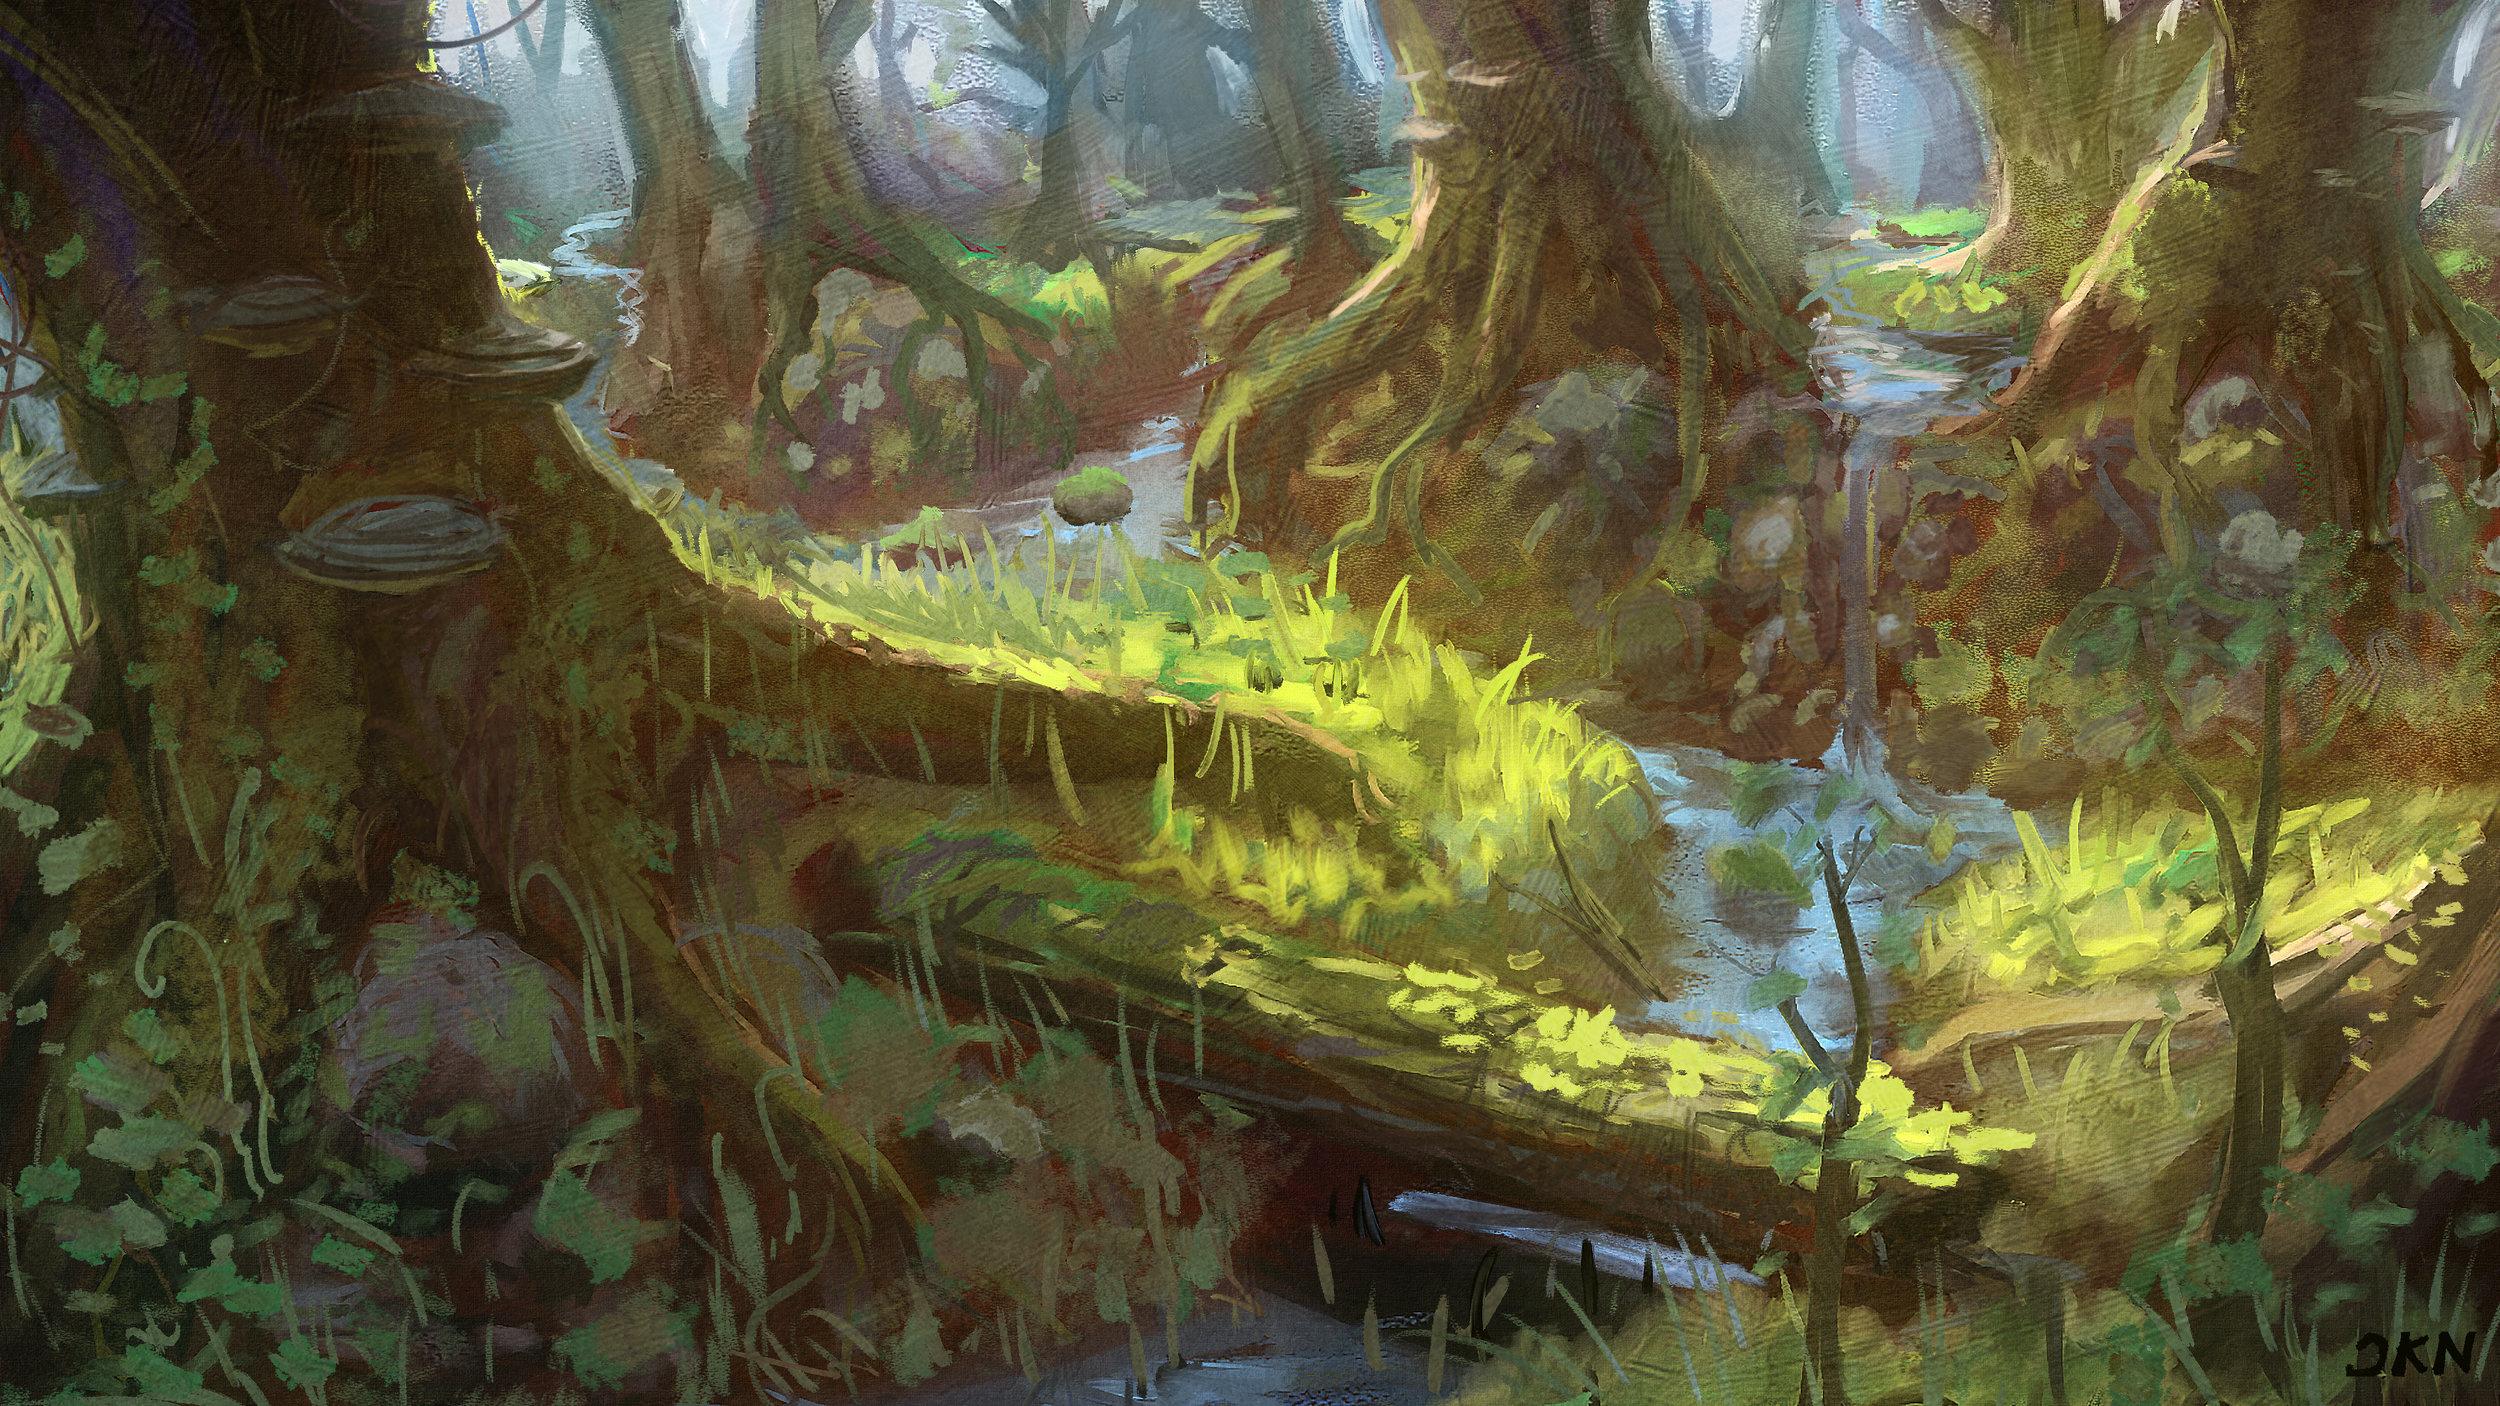 OIL_forest.jpg